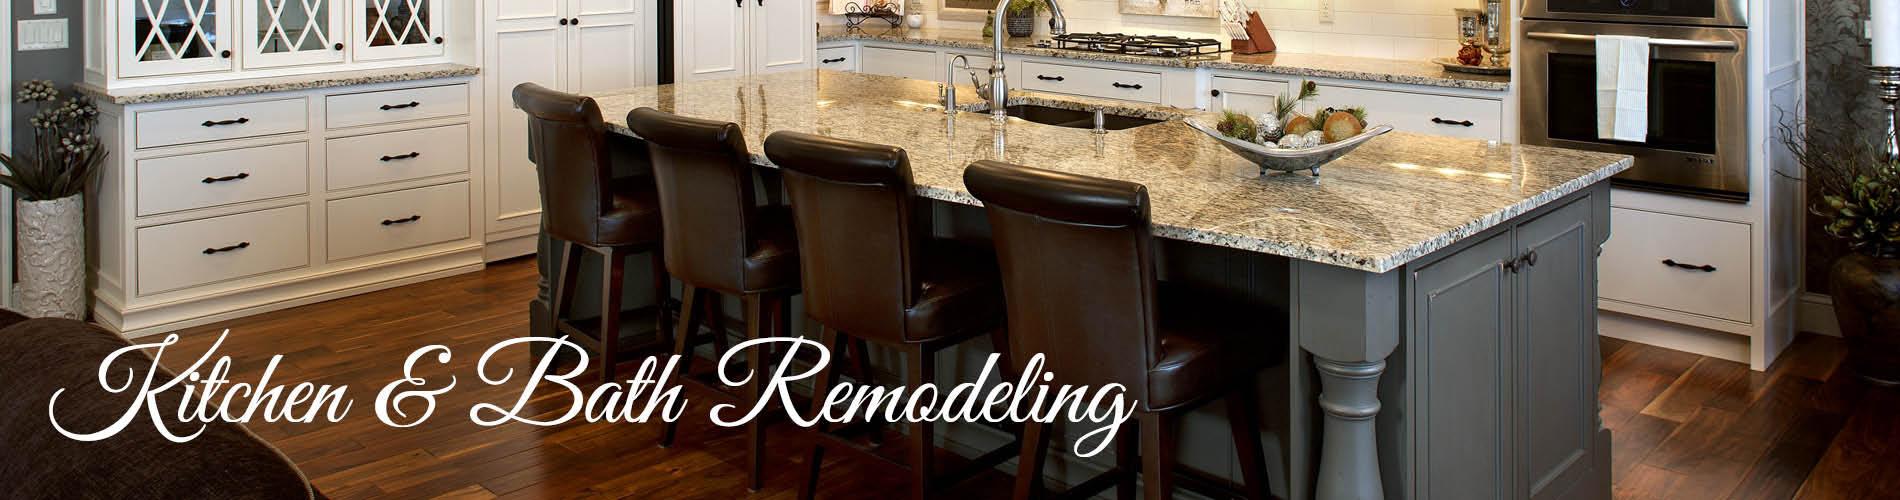 Granite Mountain | Premium Flooring, Cabinetry, Granite & Quartz for ...